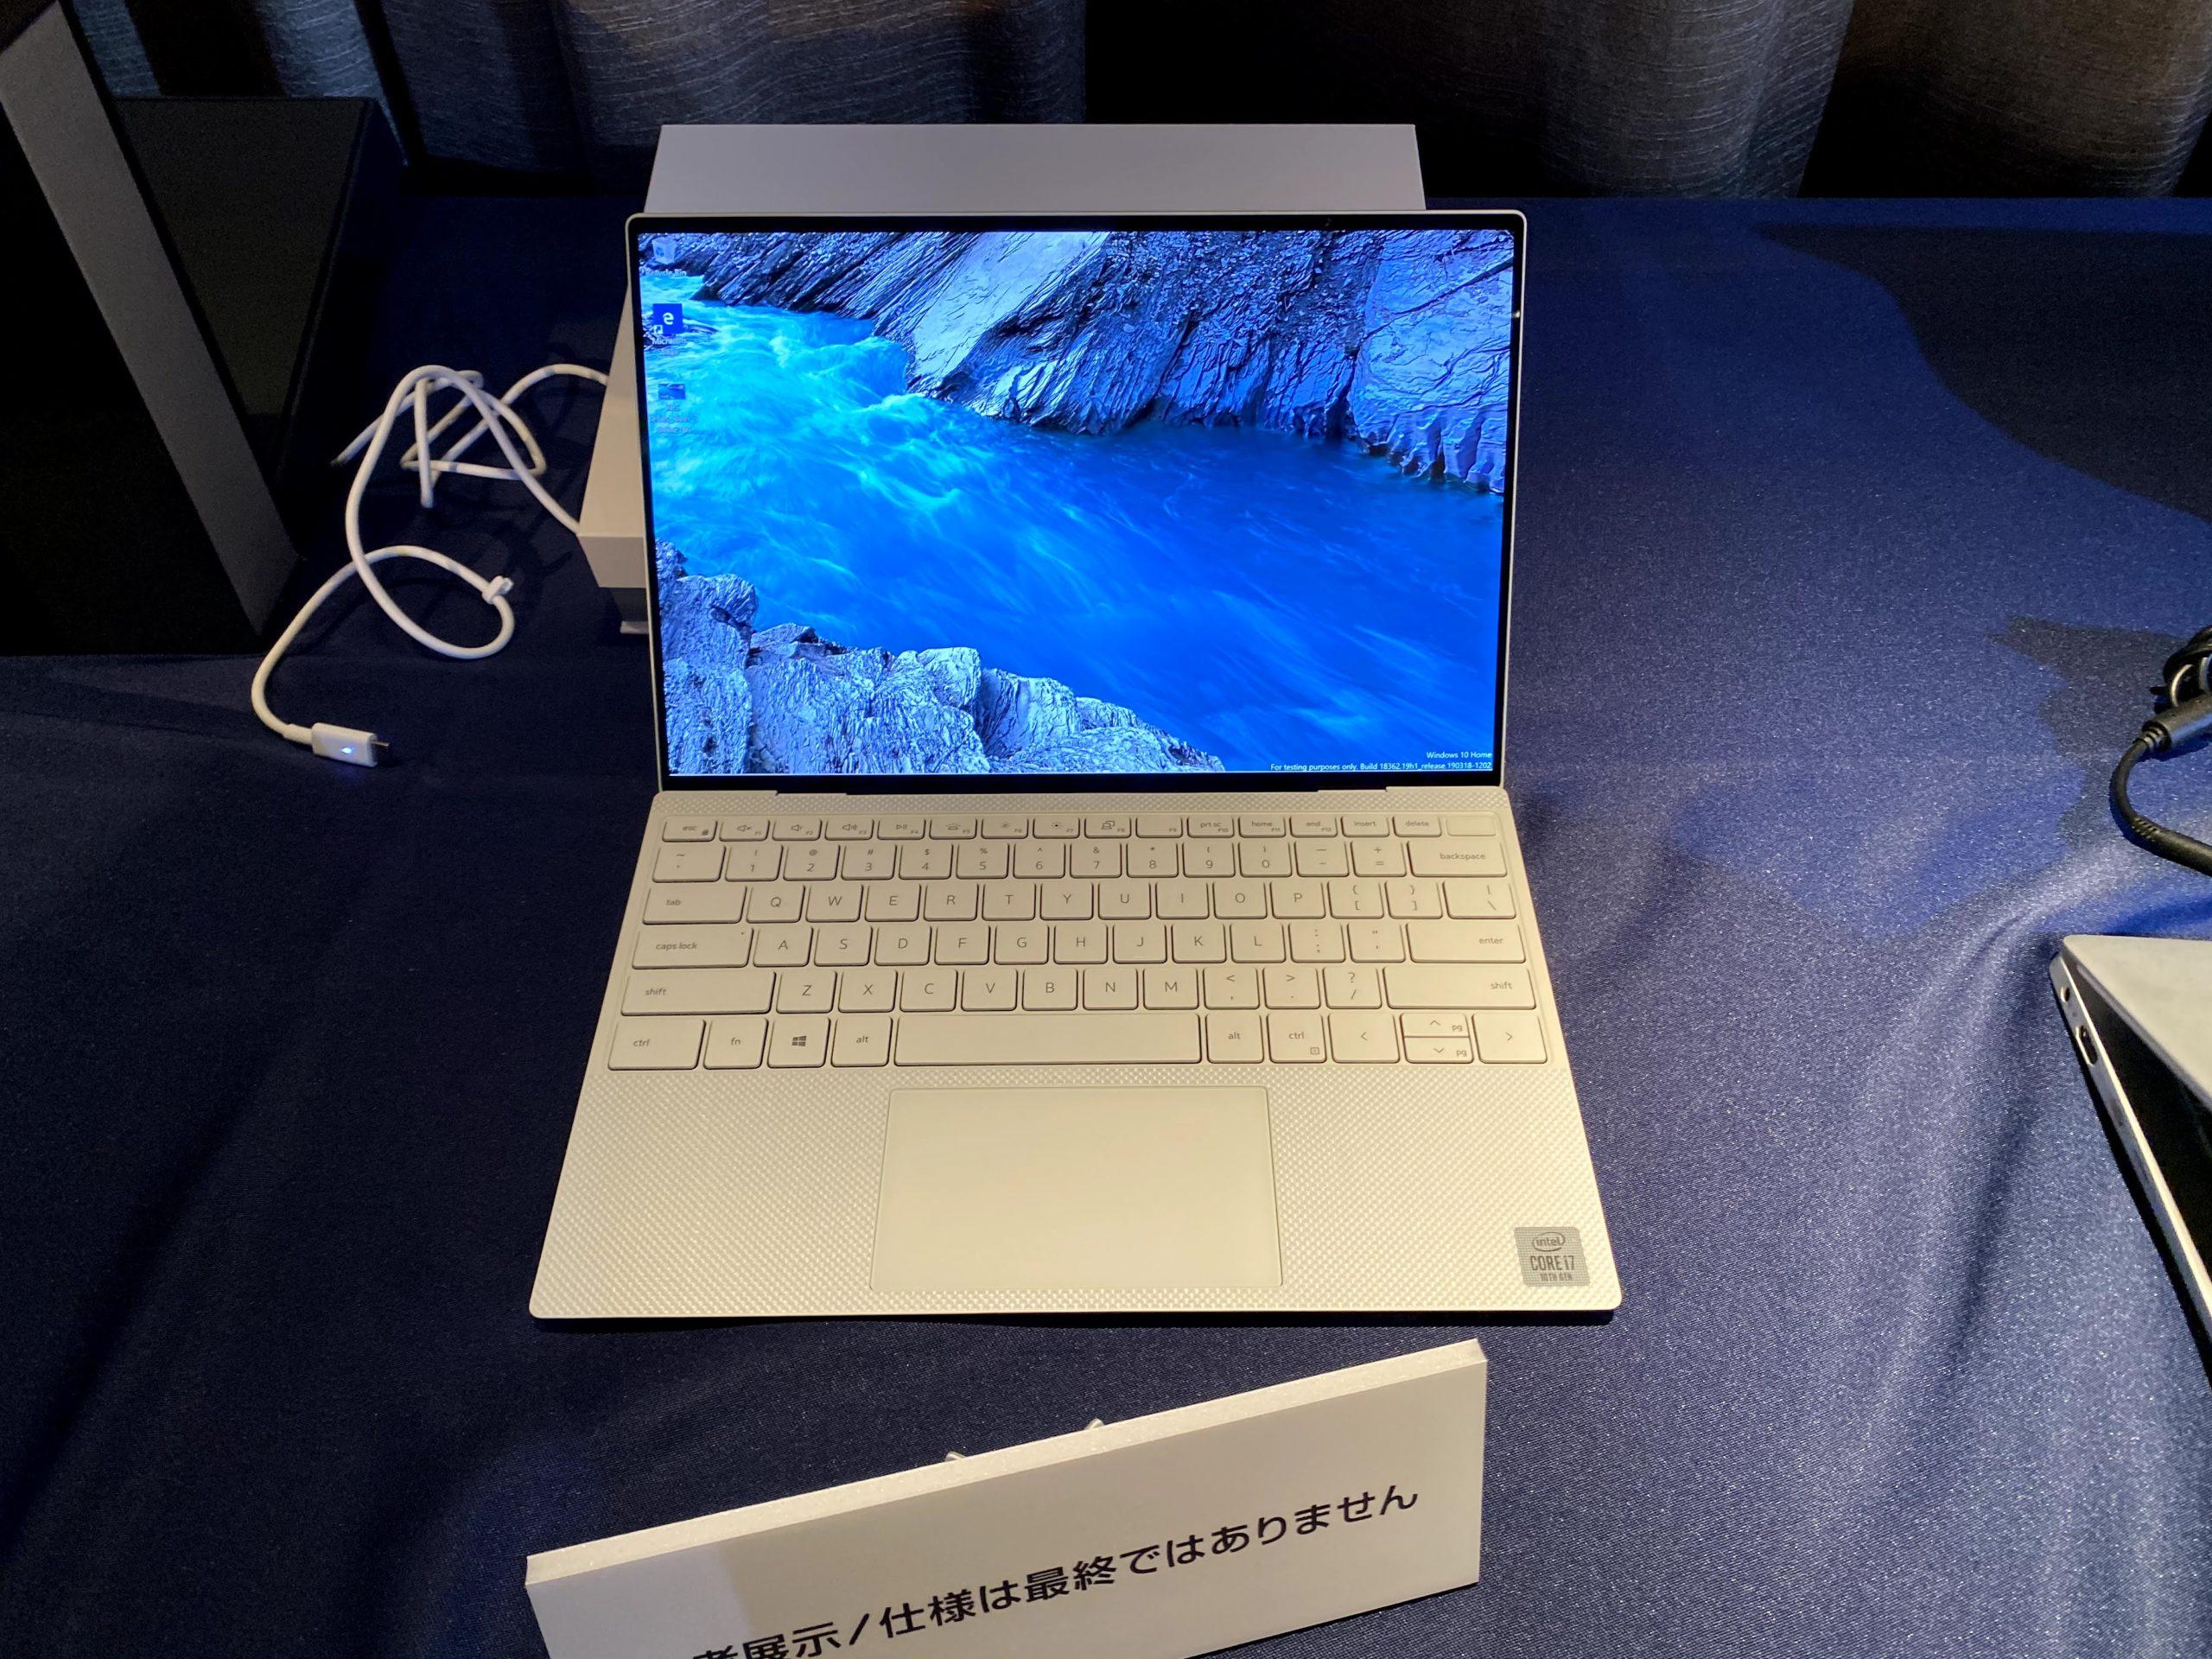 Dell NEW XPS13のディスプレイはもはや「岡本夏生のハイレグ」領域